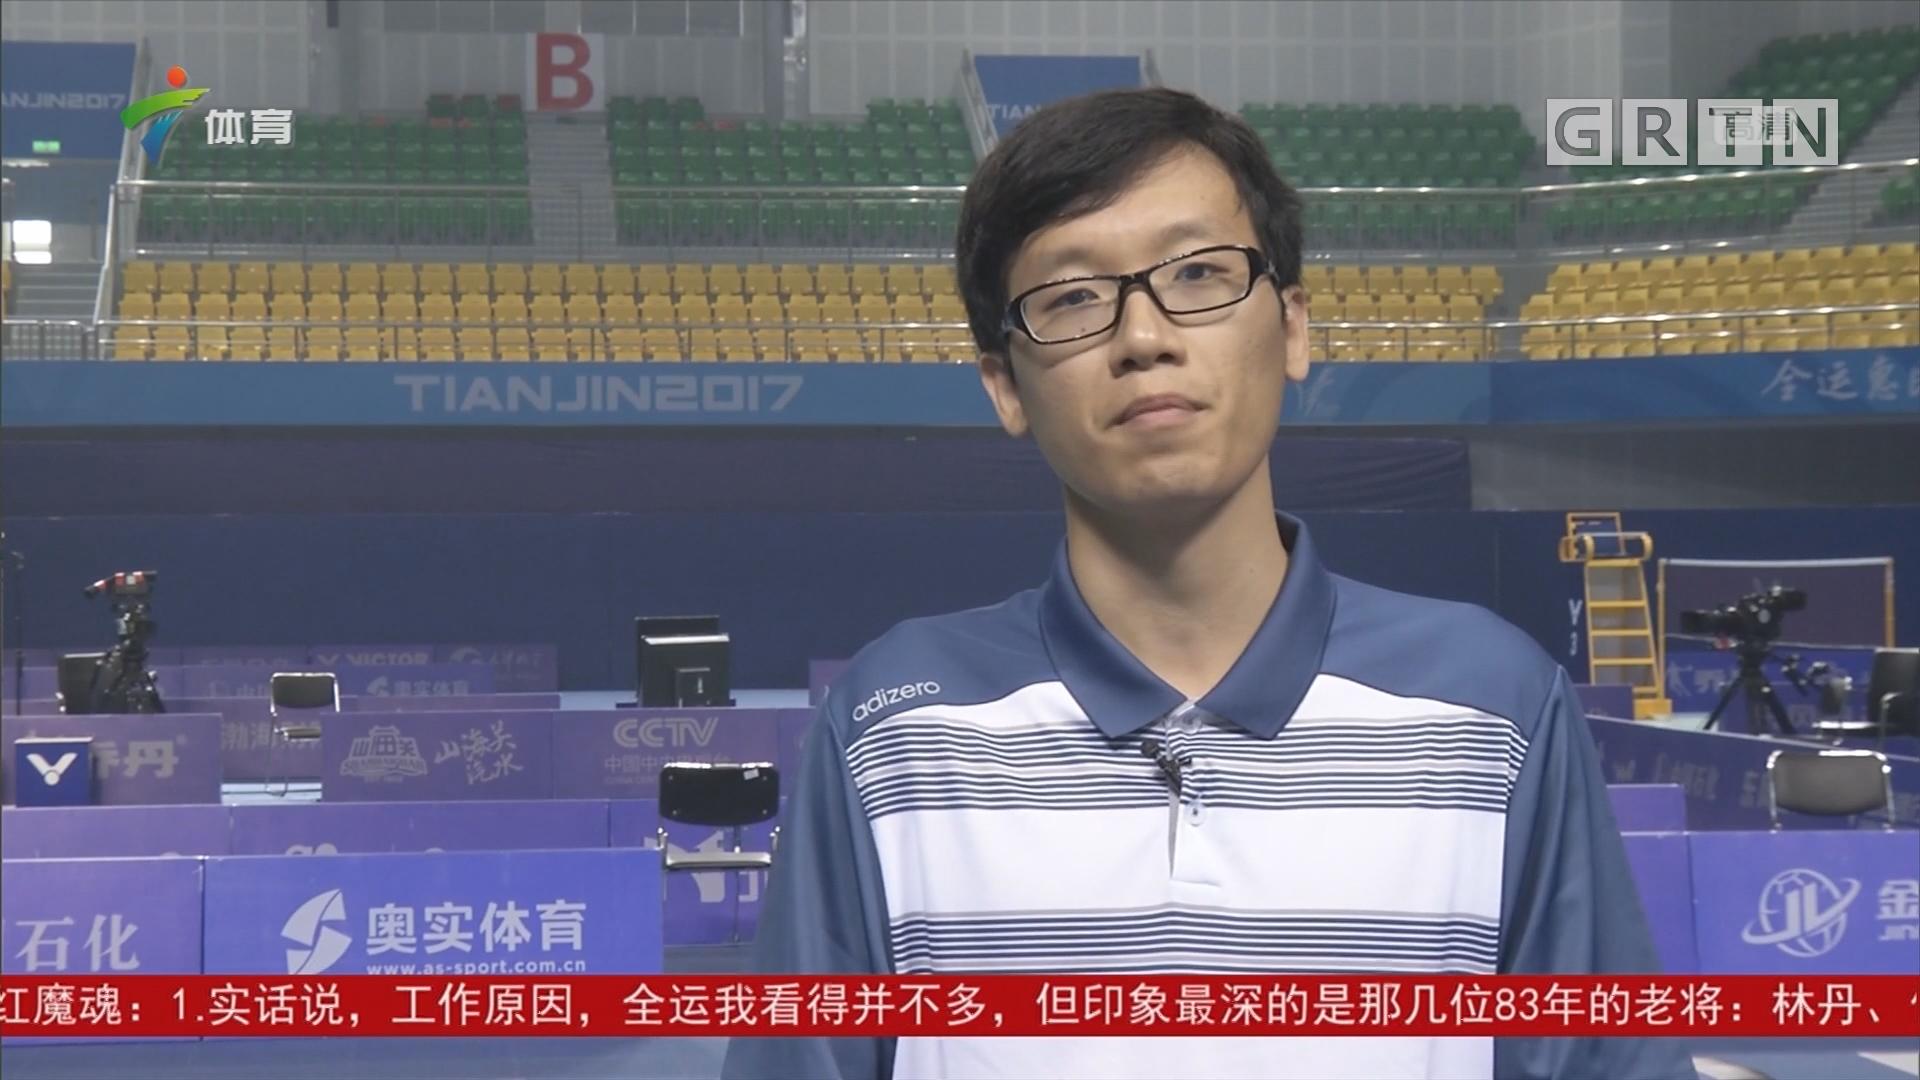 广东体育频道记者对本届全运会的体会